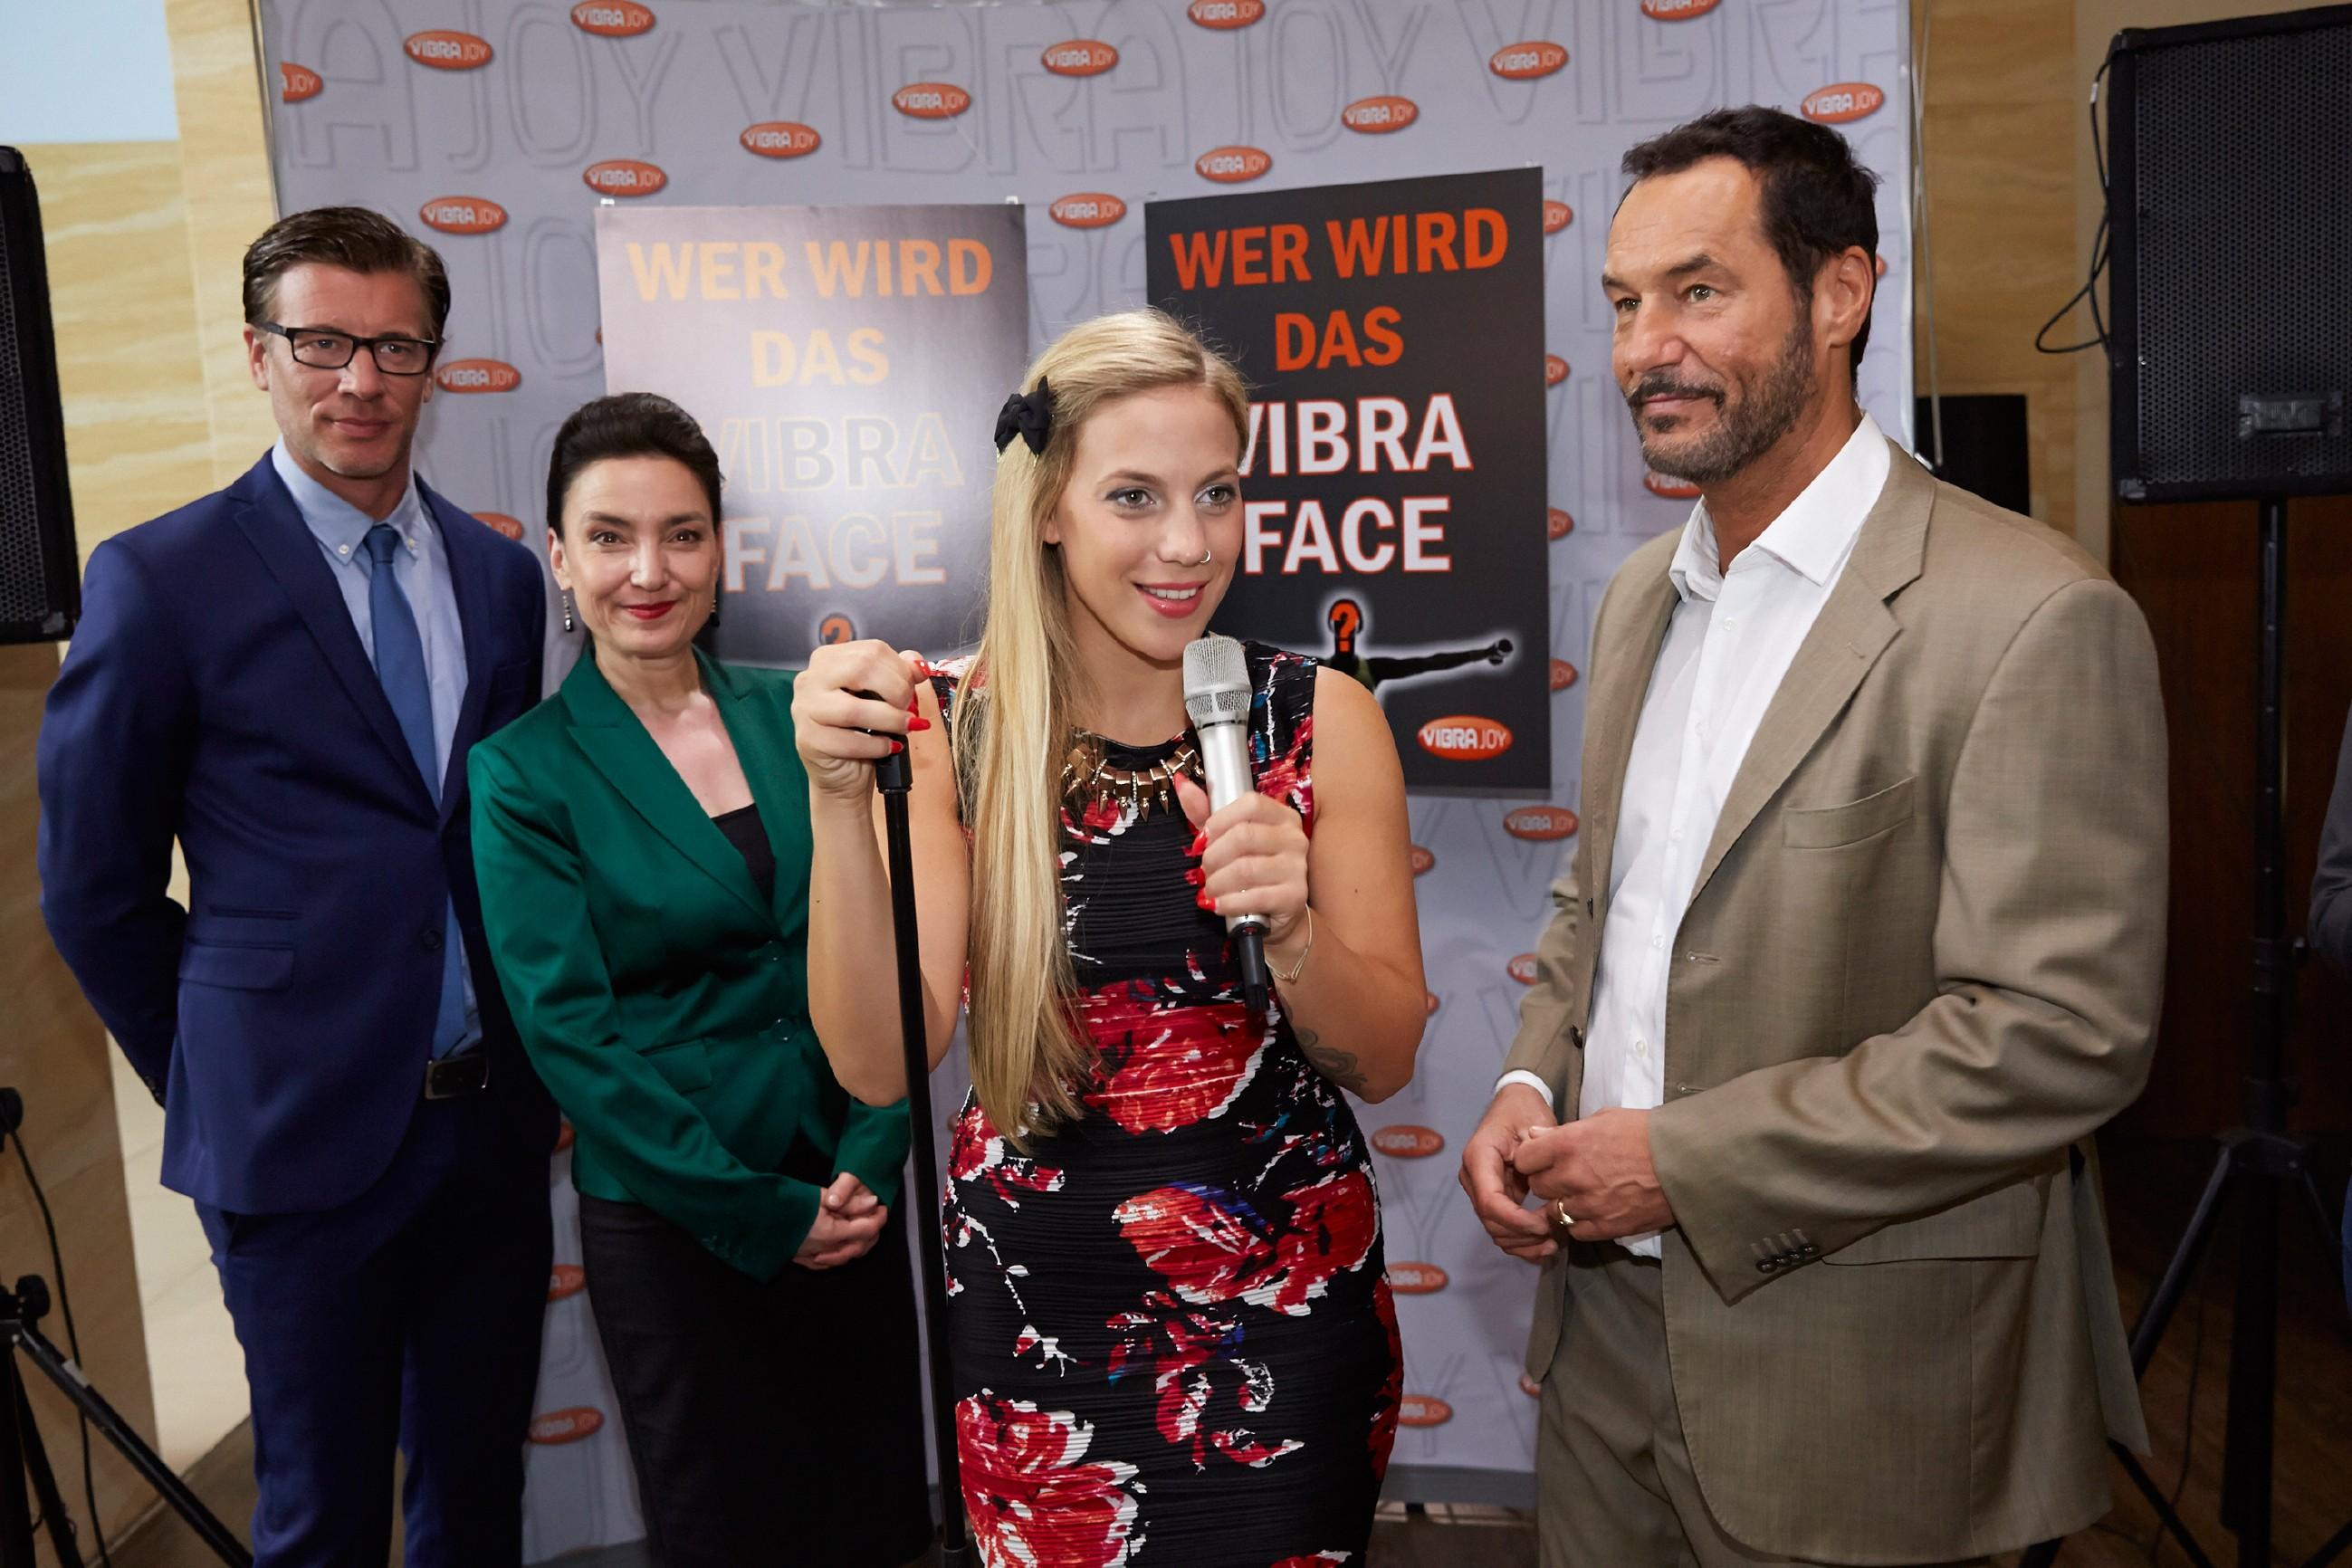 Iva (Christina Klein, 2.v.r.) zeigt sich beim Start der VibraFace-Kampagne zur Zufriedenheit von Christoph (Lars Korten, l.), Simone (Tatjana Clasing) und Richard (Silvan-Pierre Leirich) von ihrer besten Seite. (Quelle: © RTL / Guido Engels)